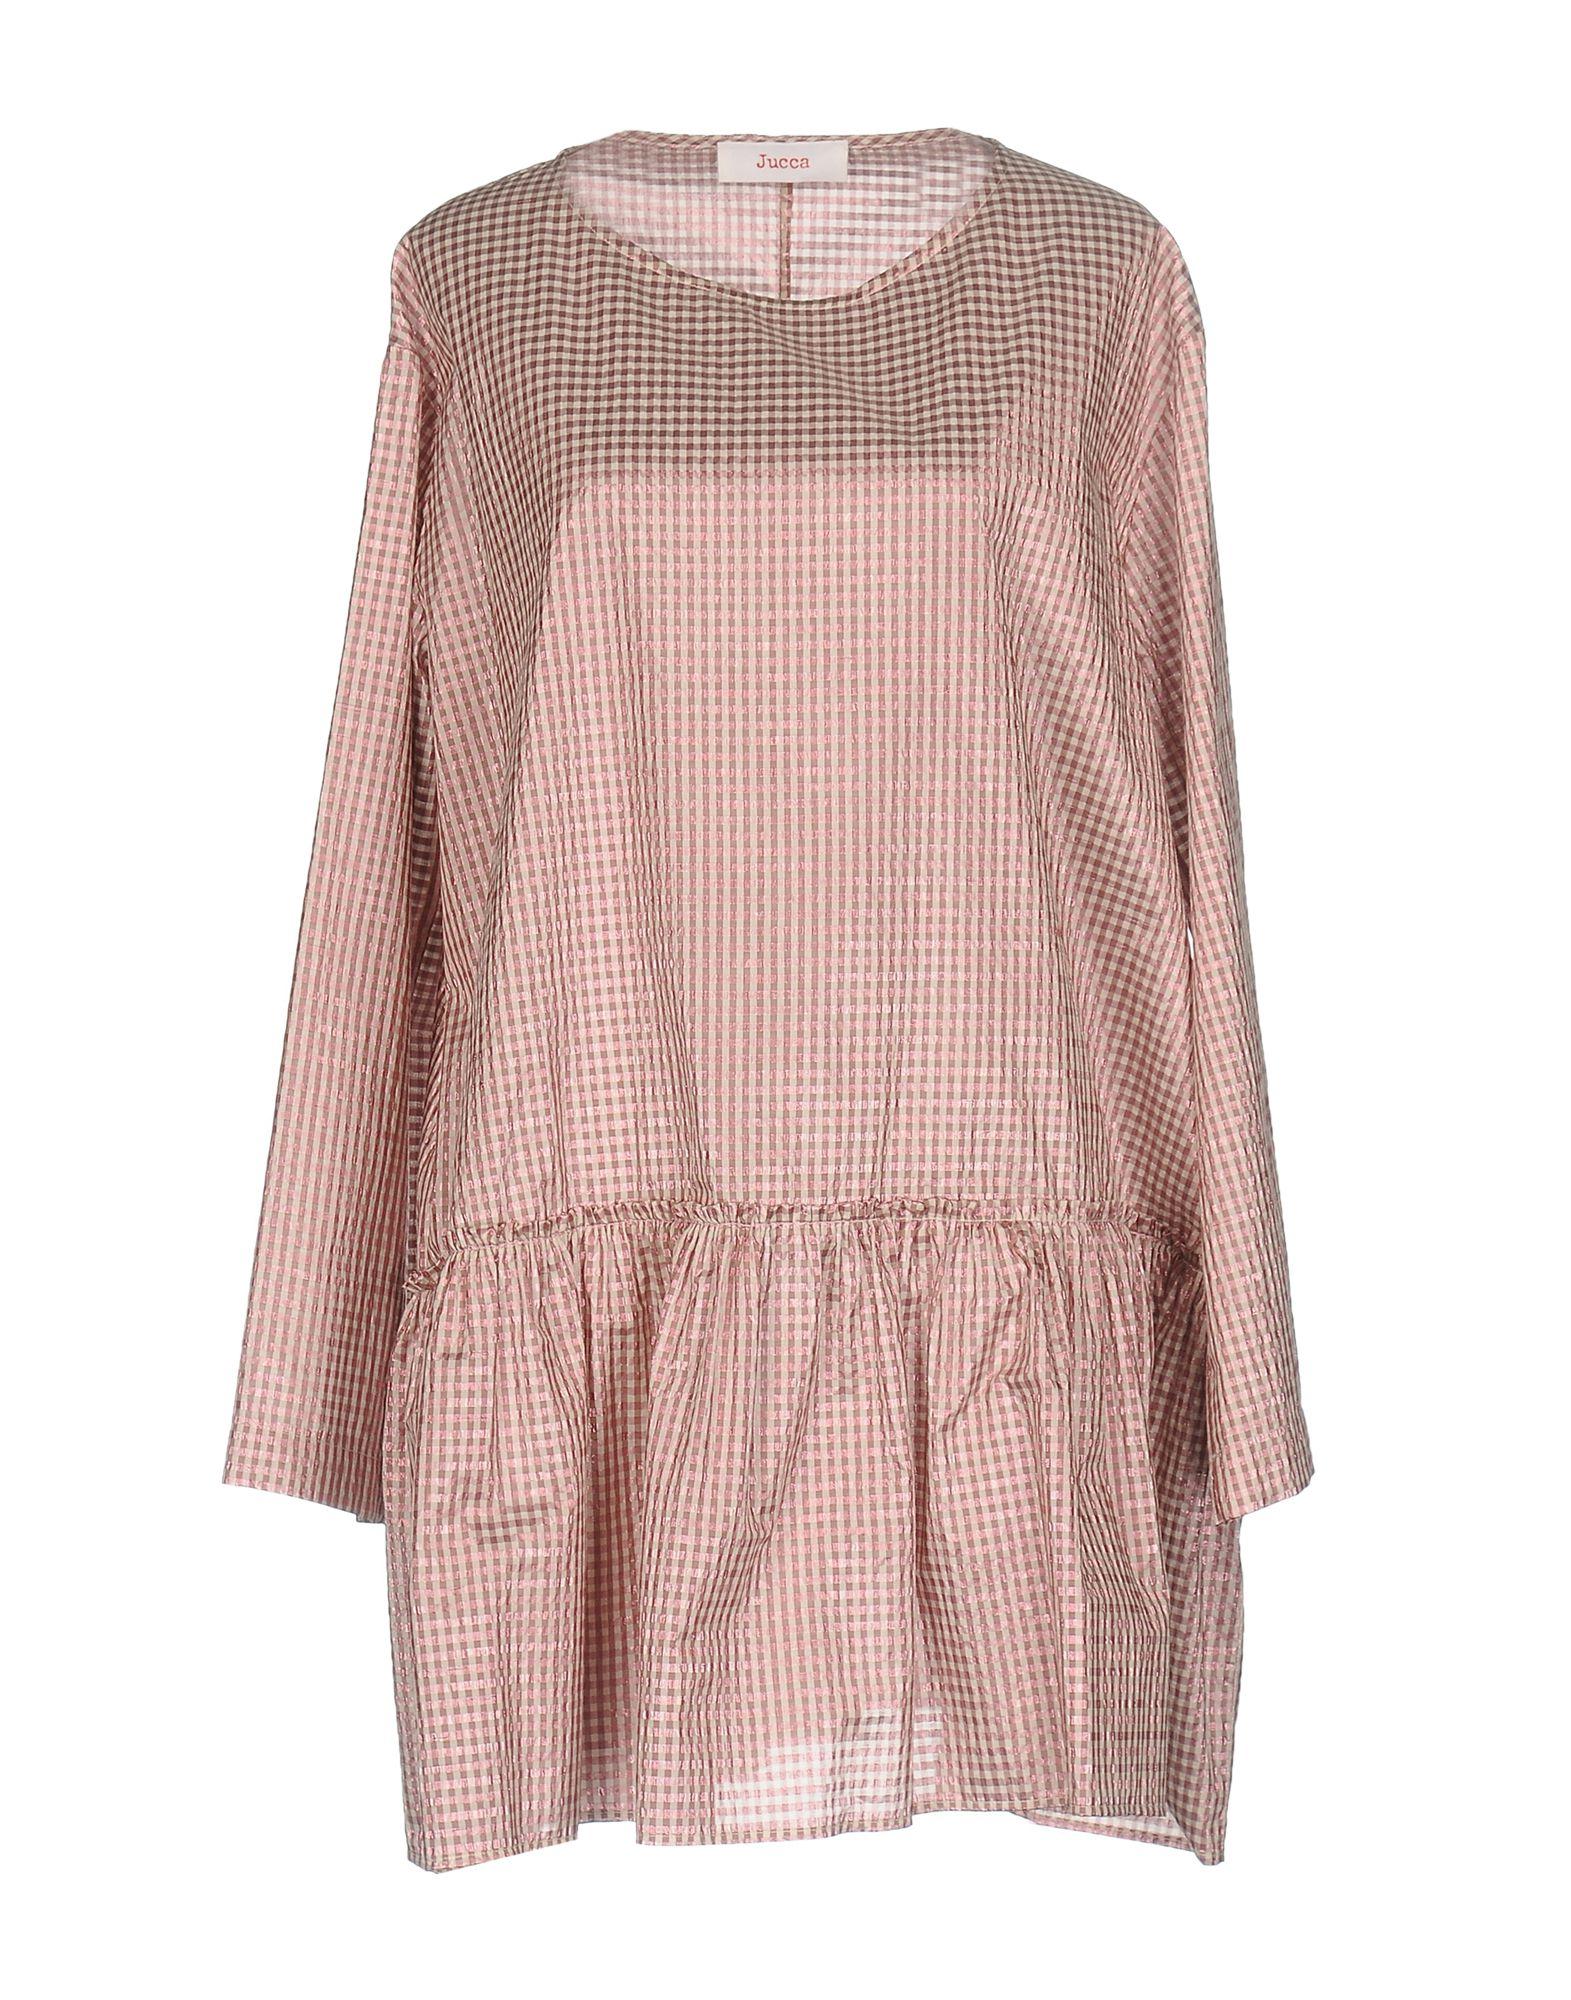 JUCCA Damen Kurzes Kleid Farbe Rosa Größe 4 jetztbilligerkaufen